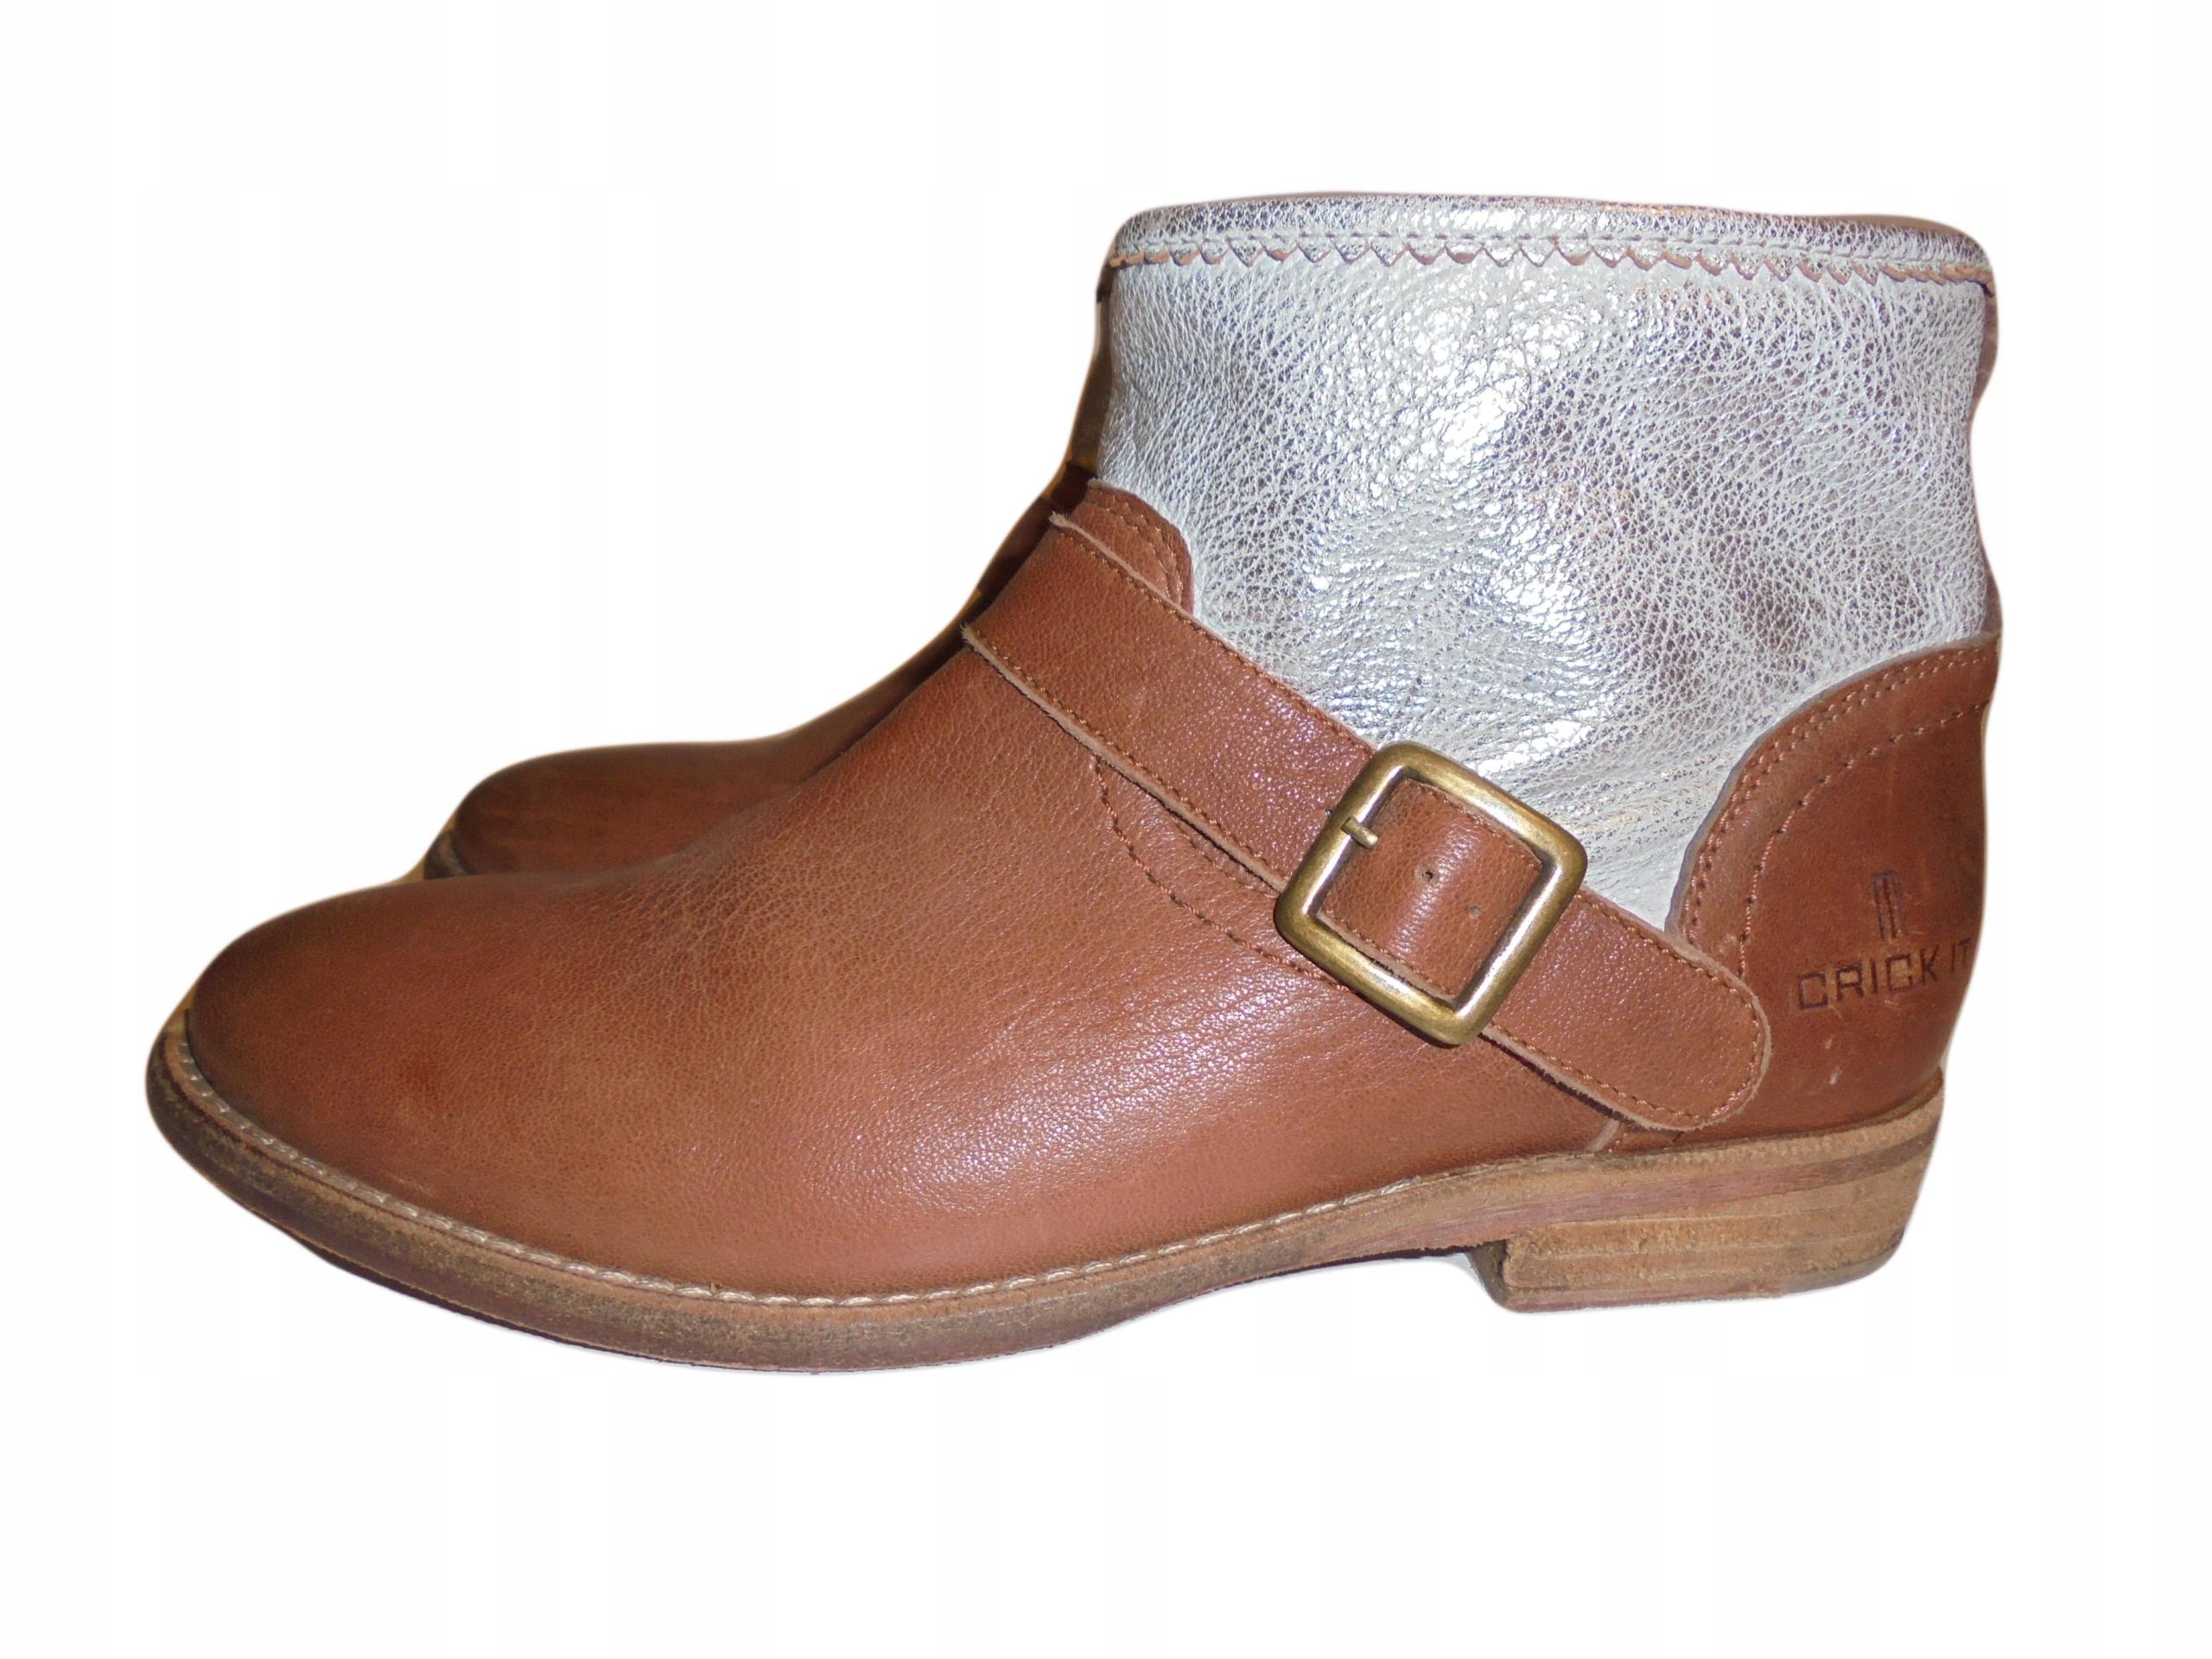 Skórzane buty Timberland. Stan idealny. Rozmiar 38